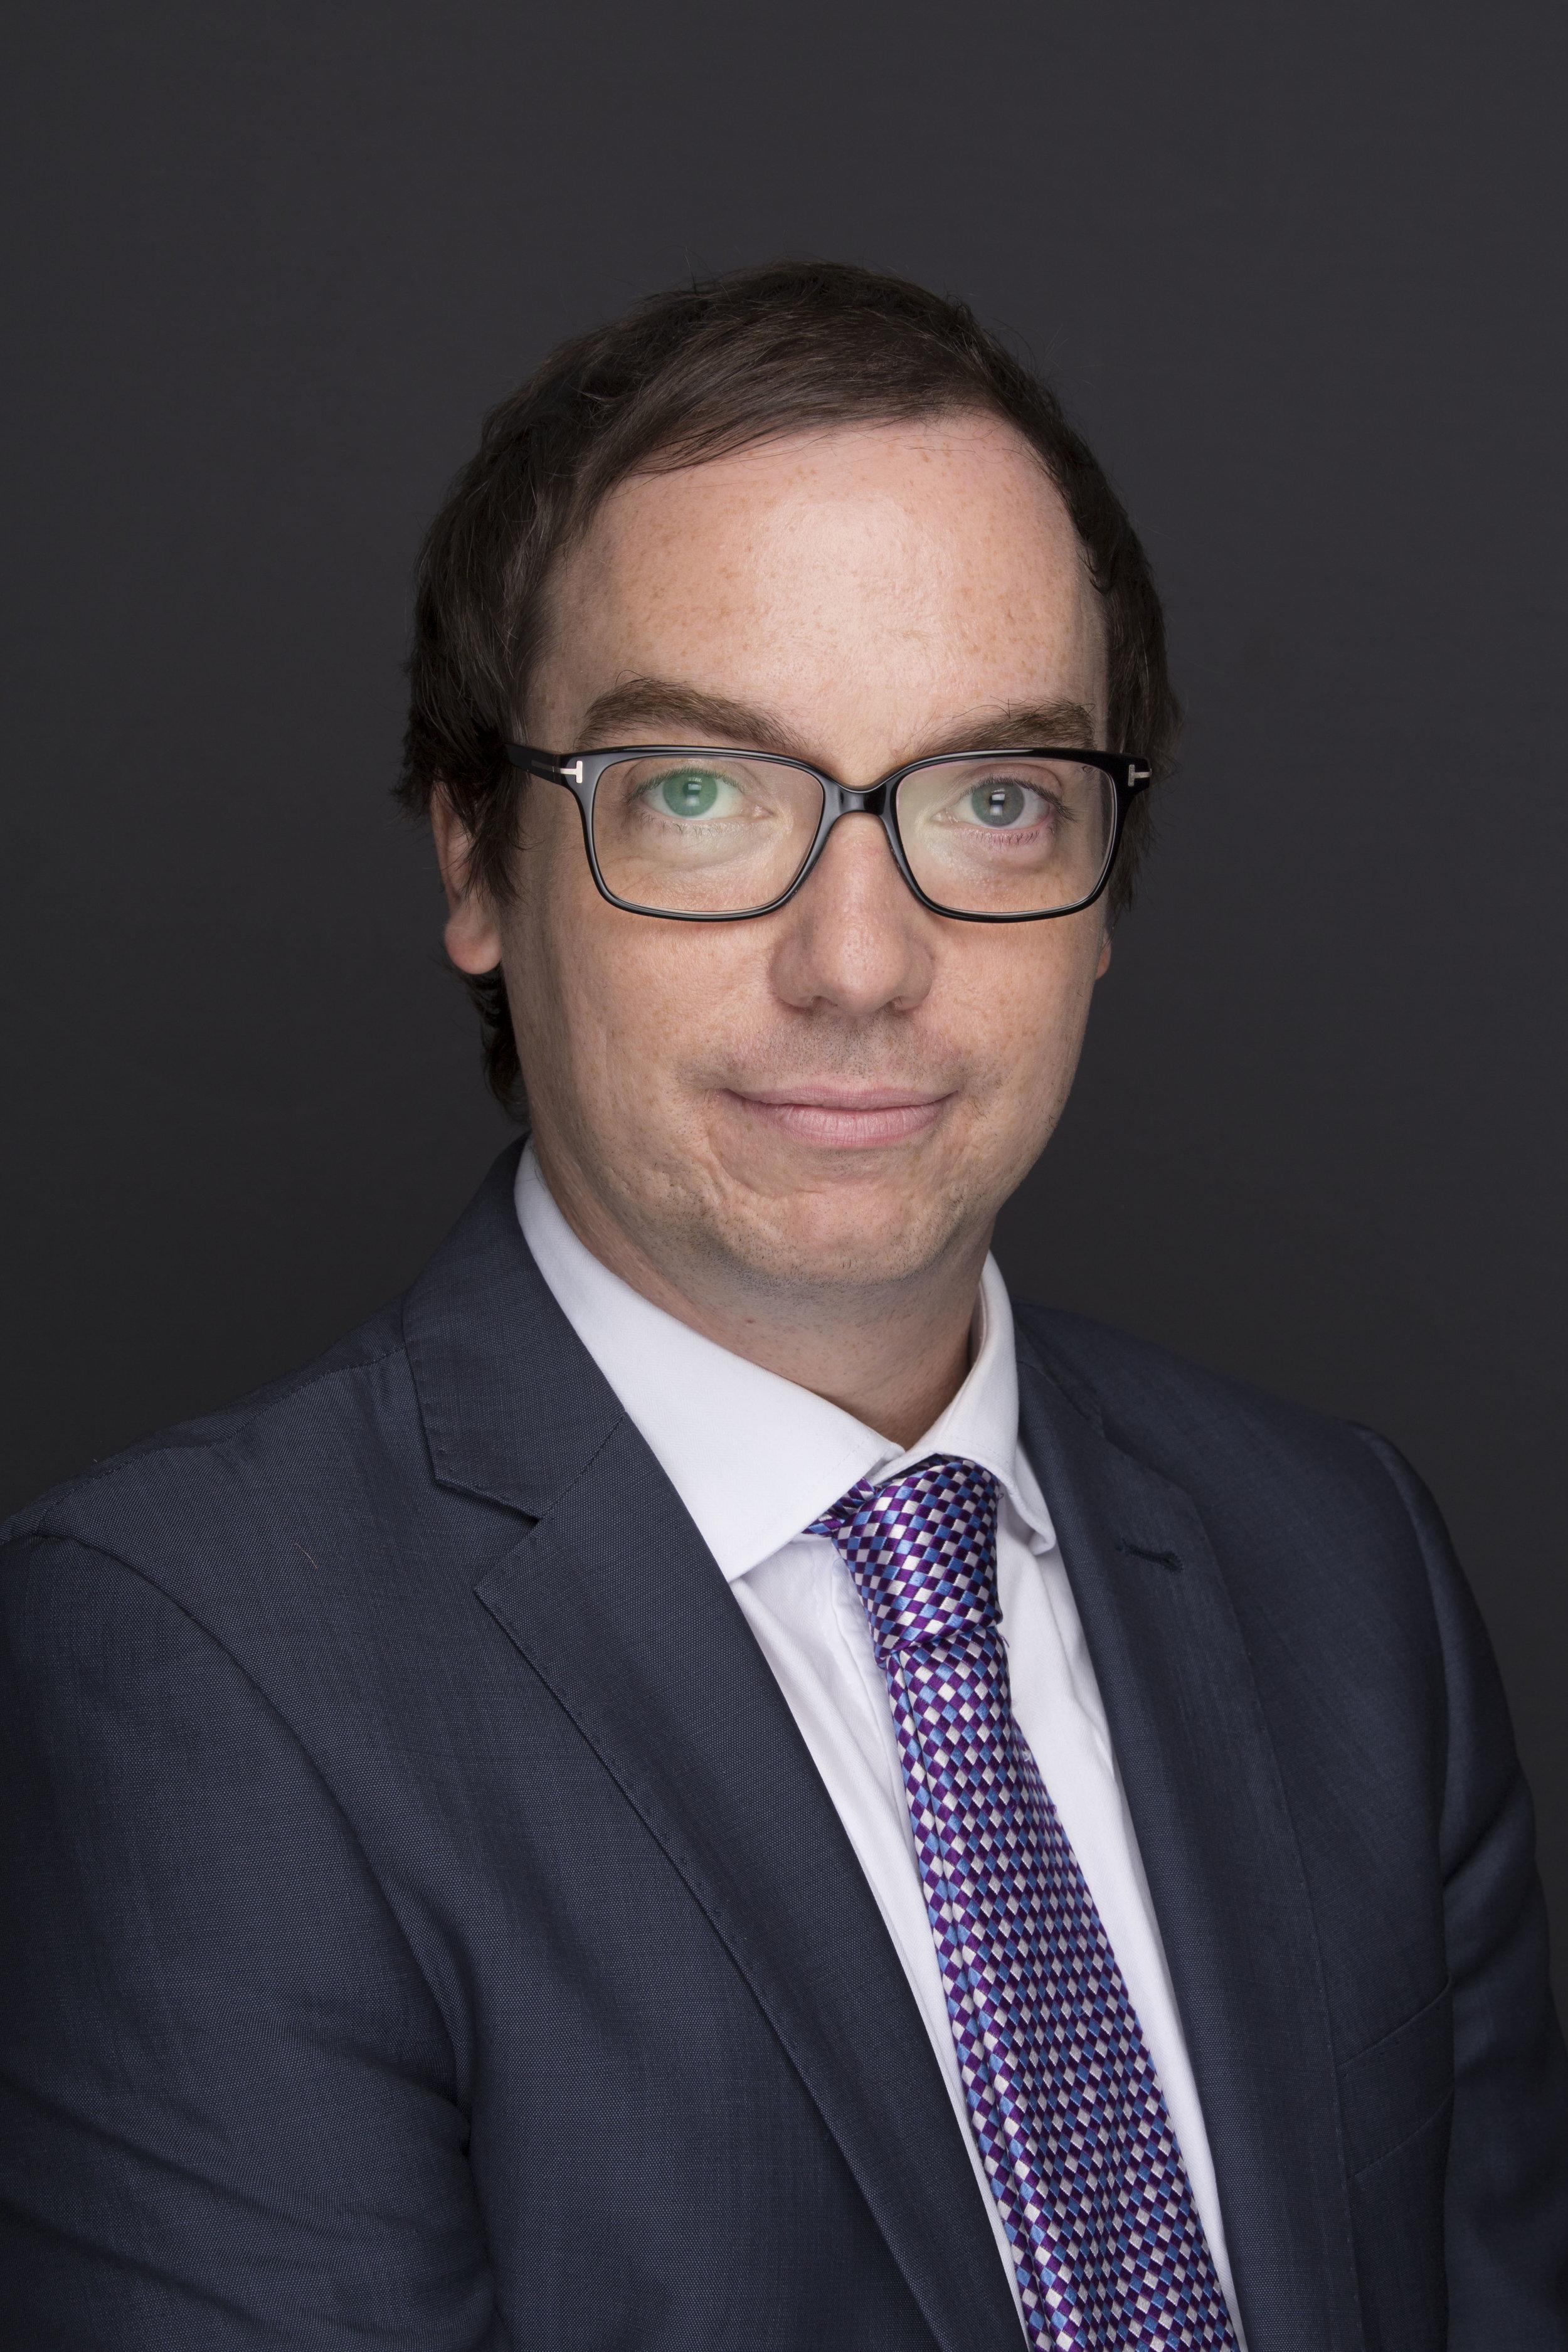 Dean Schubert - AssociateE dxs@bwslawyers.com.auP 02 9394 1048